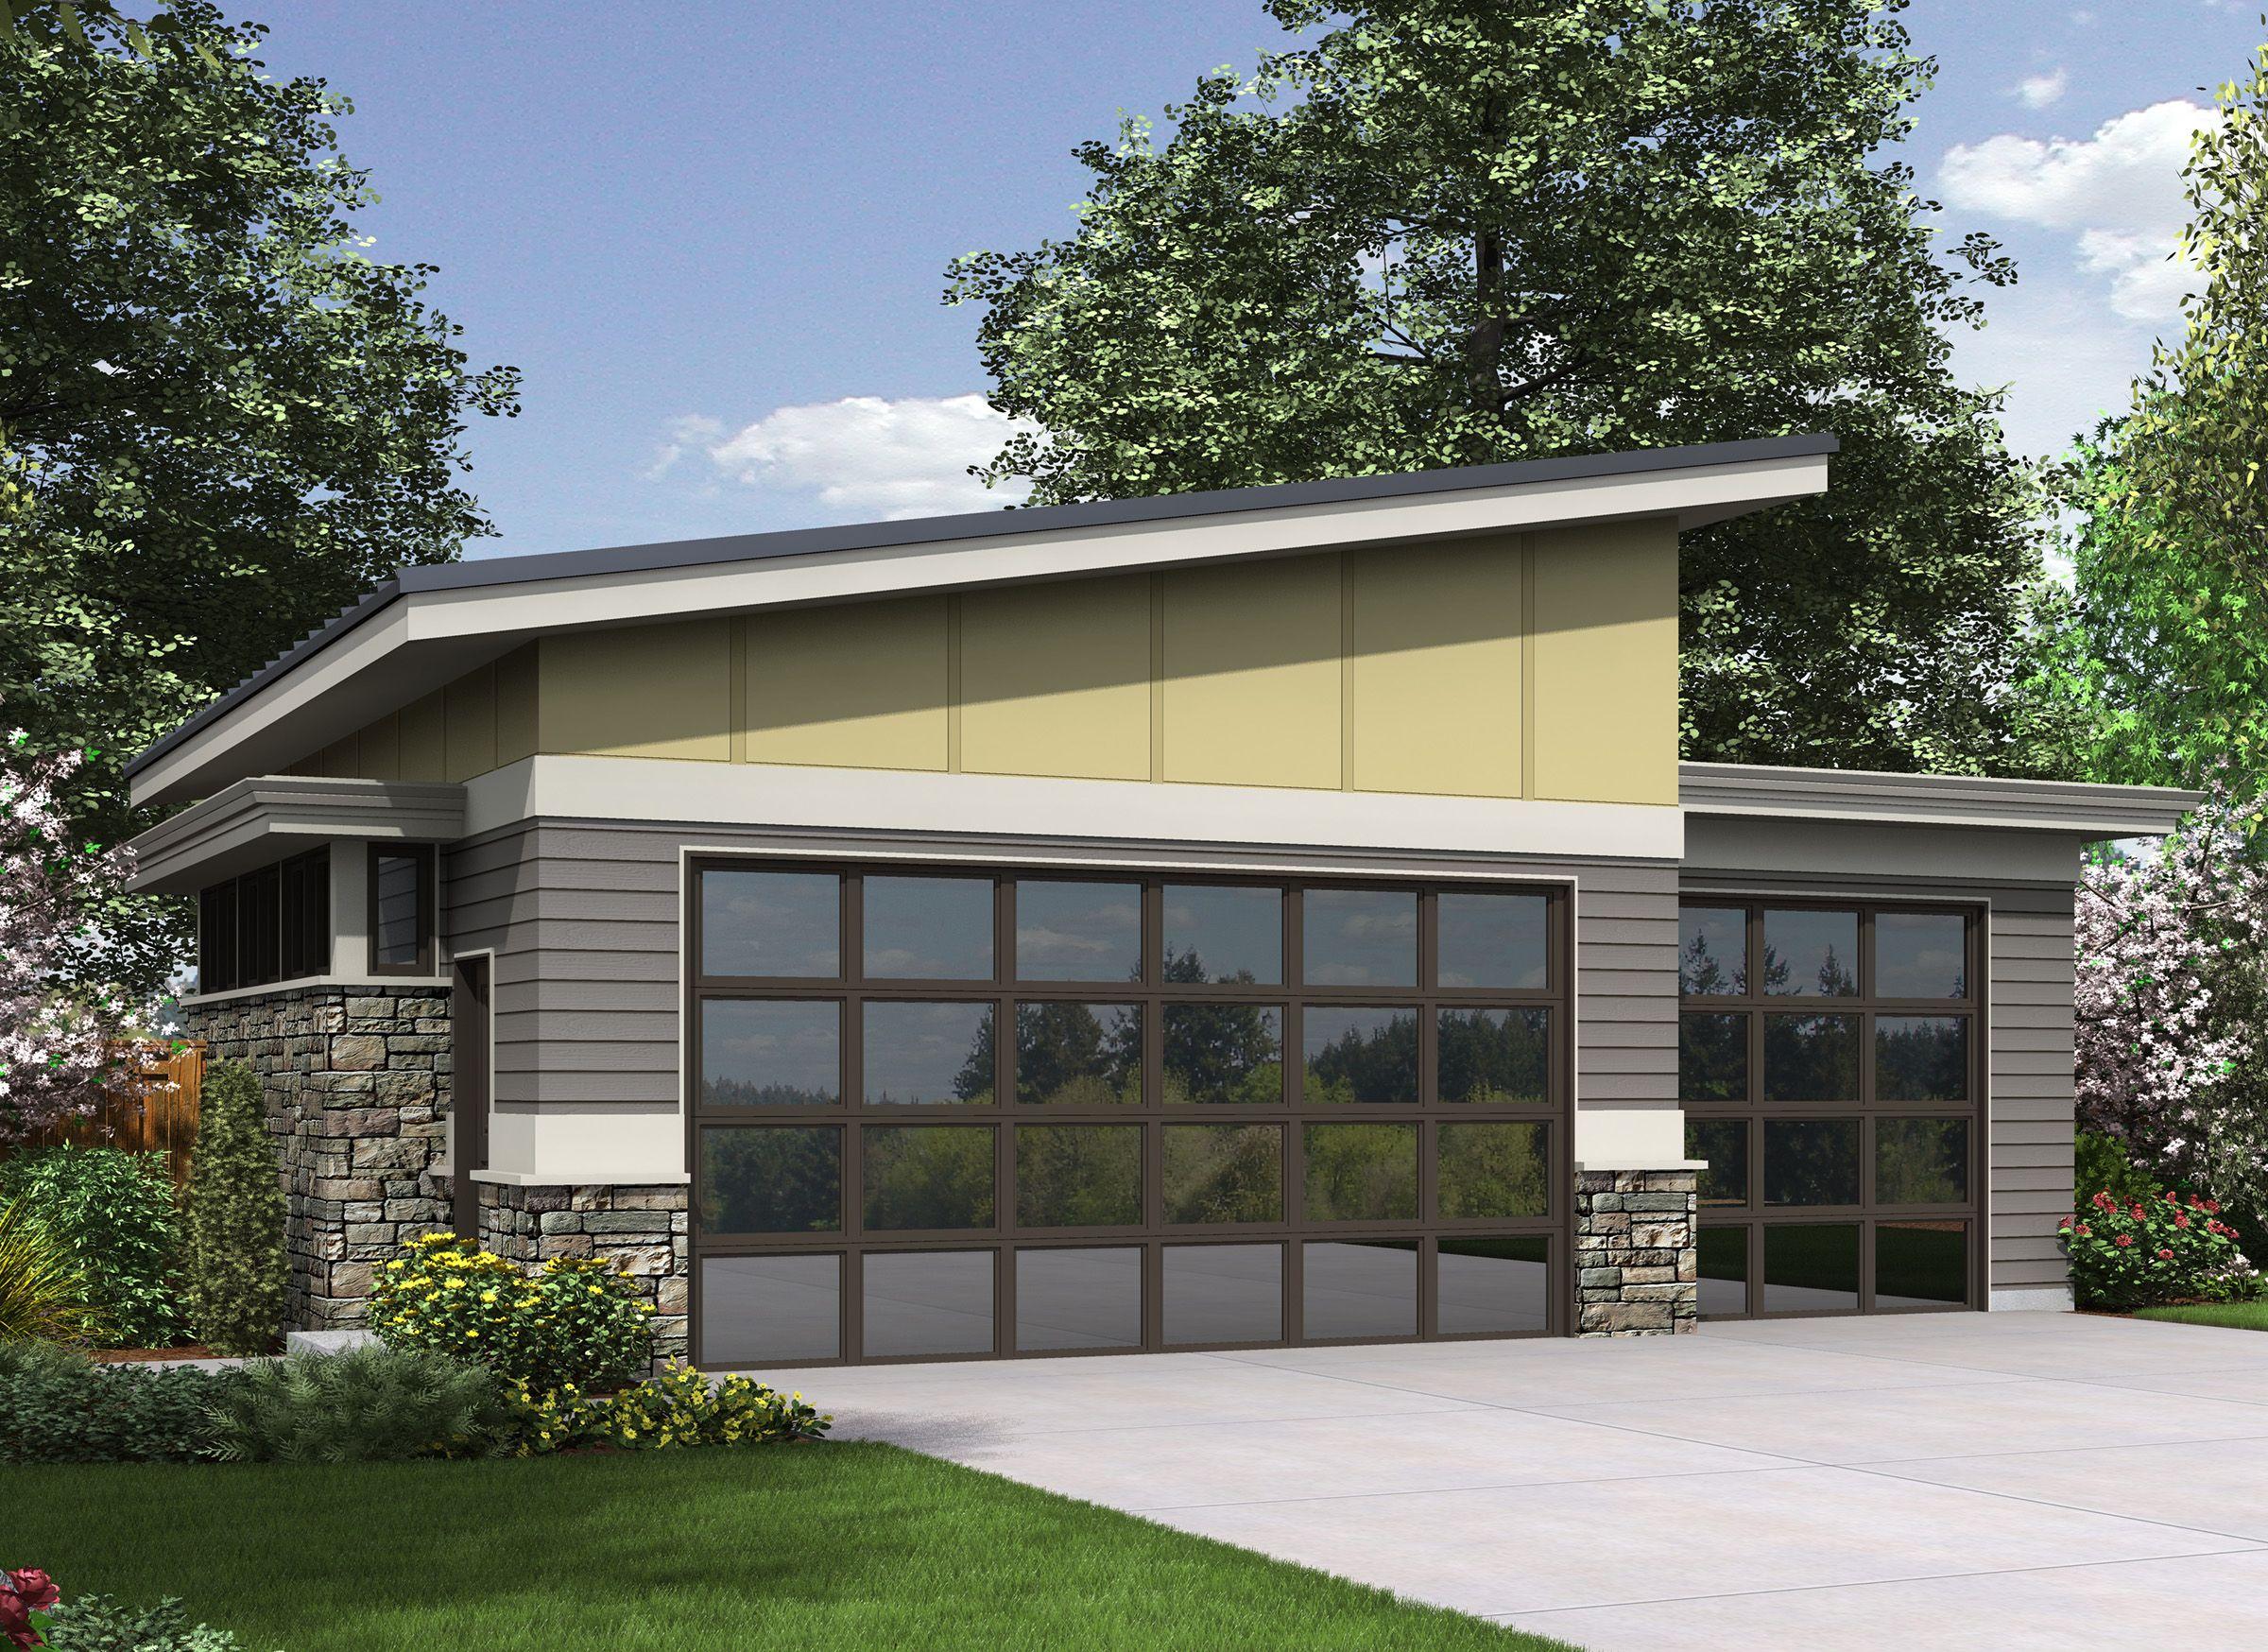 Plan 69618am Contemporary Garage Plan In 2021 Garage Workshop Plans Garage Plans With Loft Modern Garage